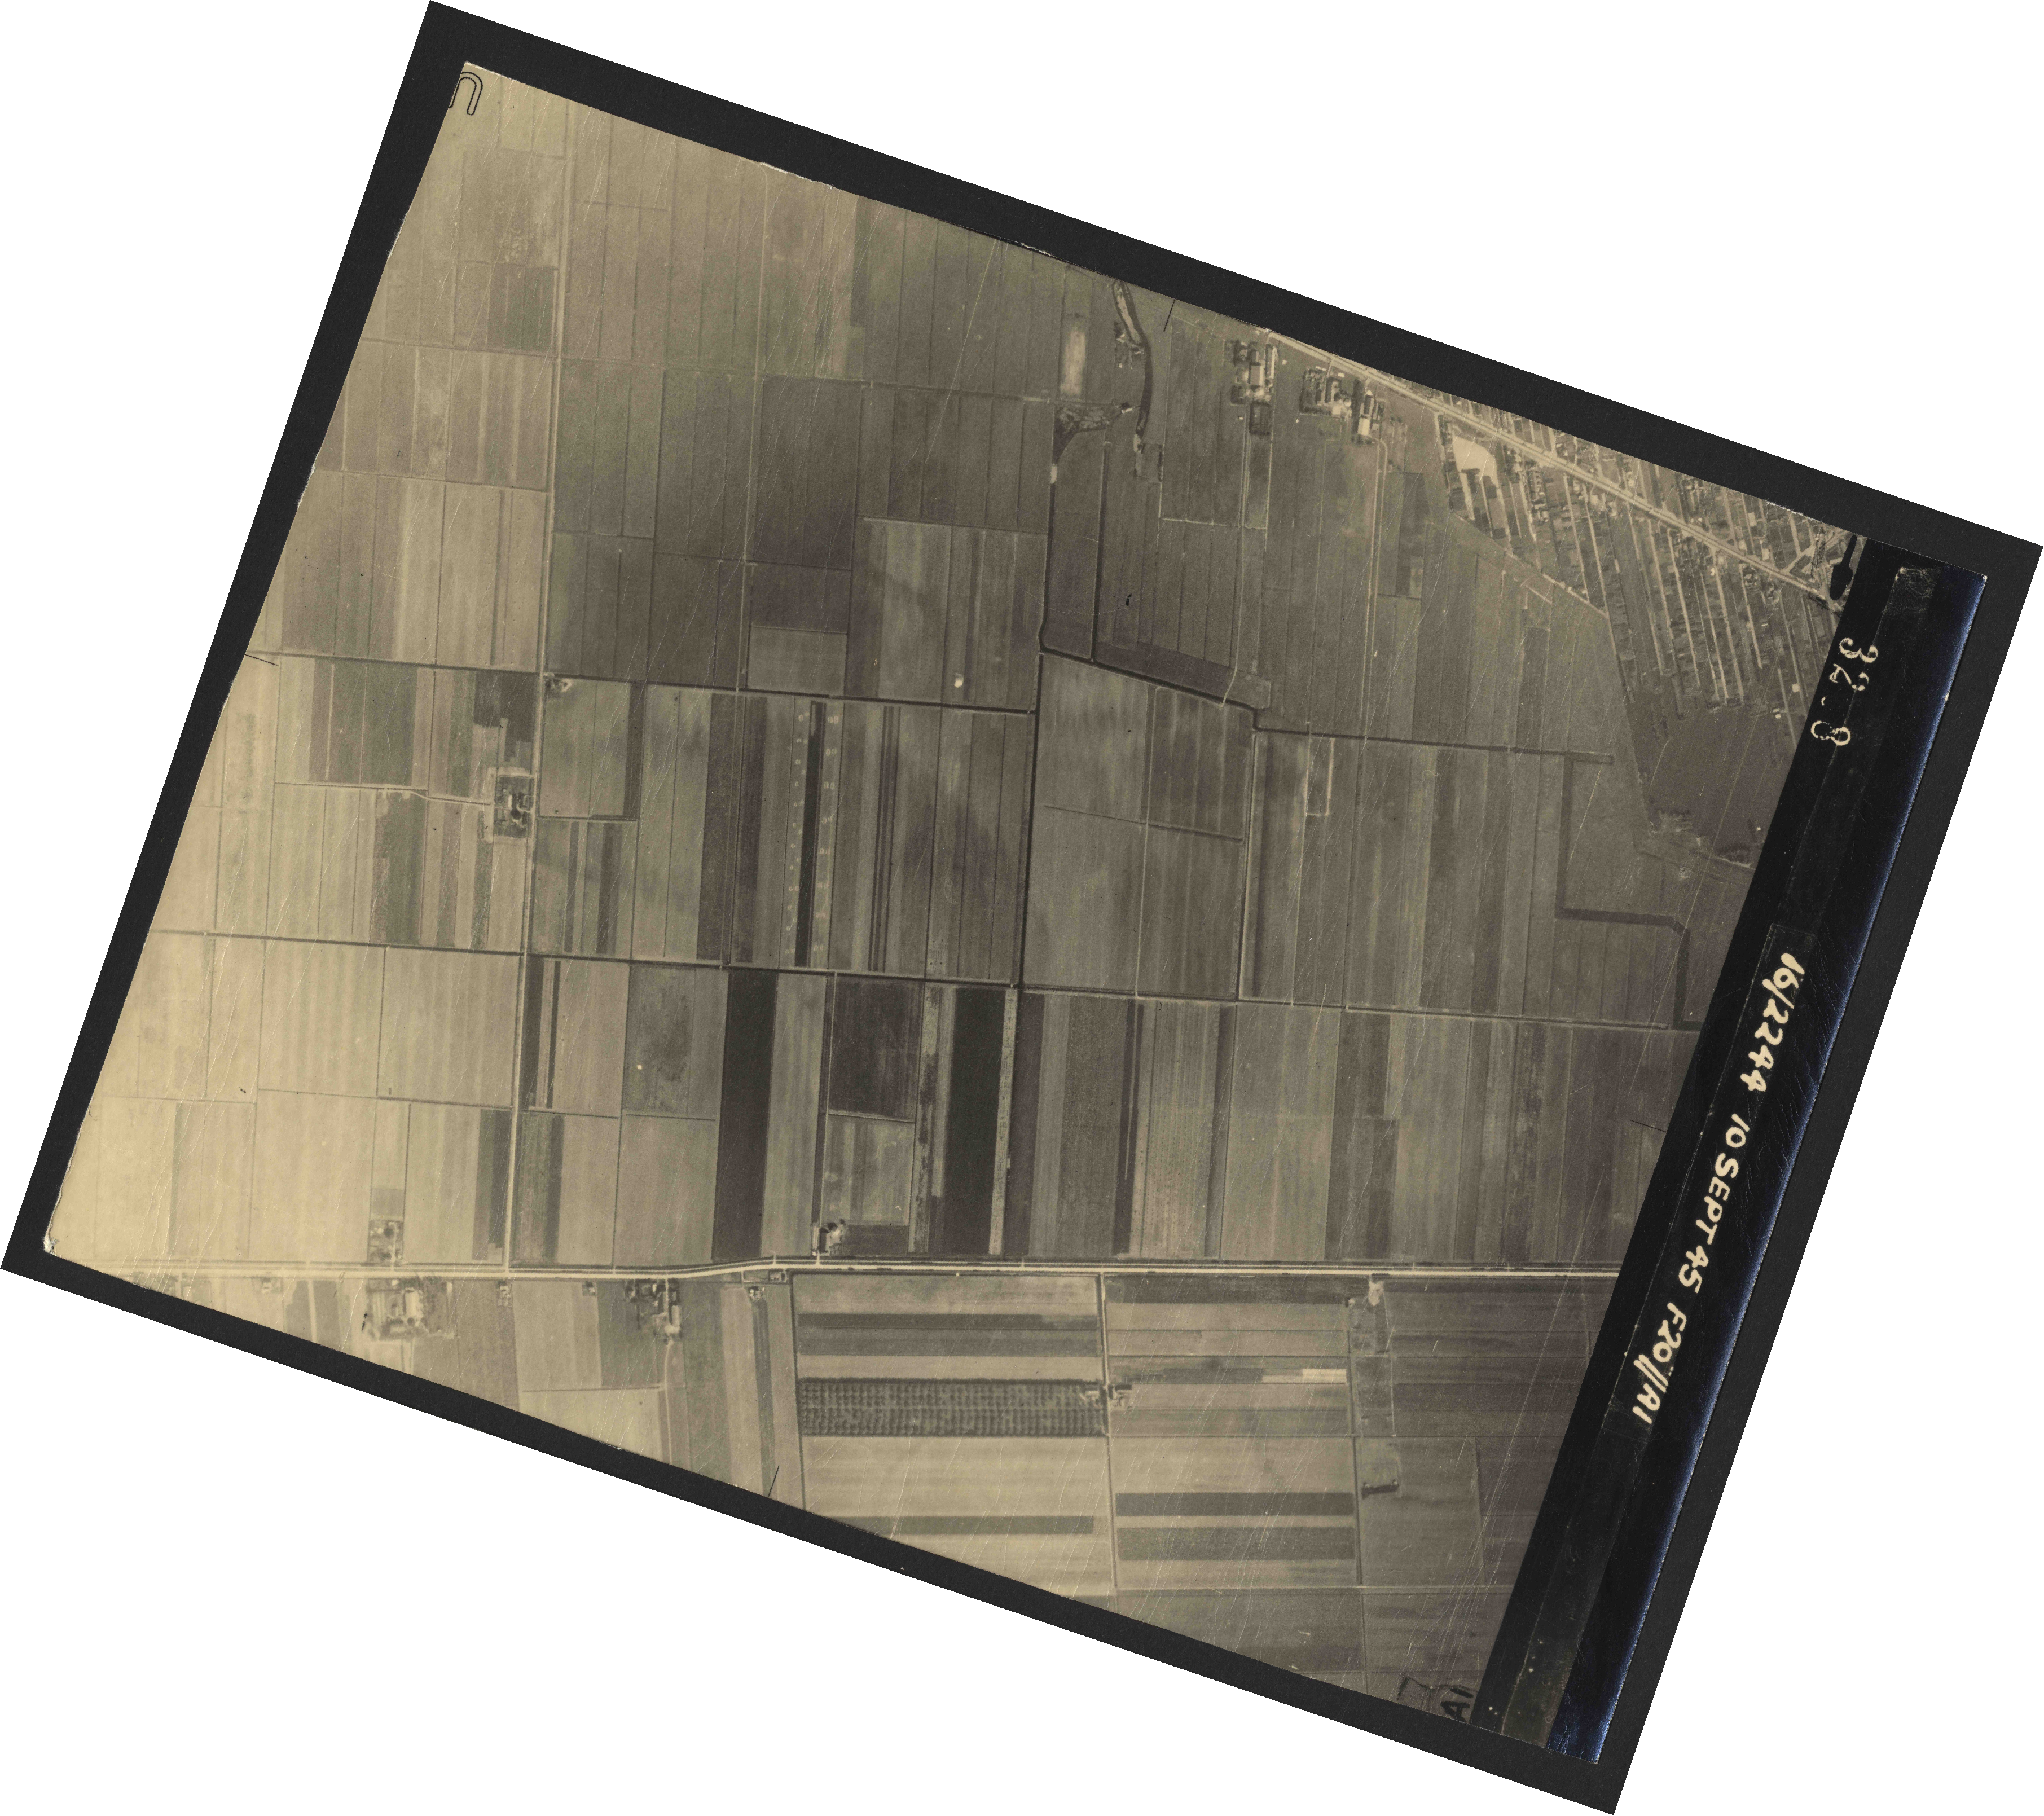 Collection RAF aerial photos 1940-1945 - flight 035, run 14, photo 3208